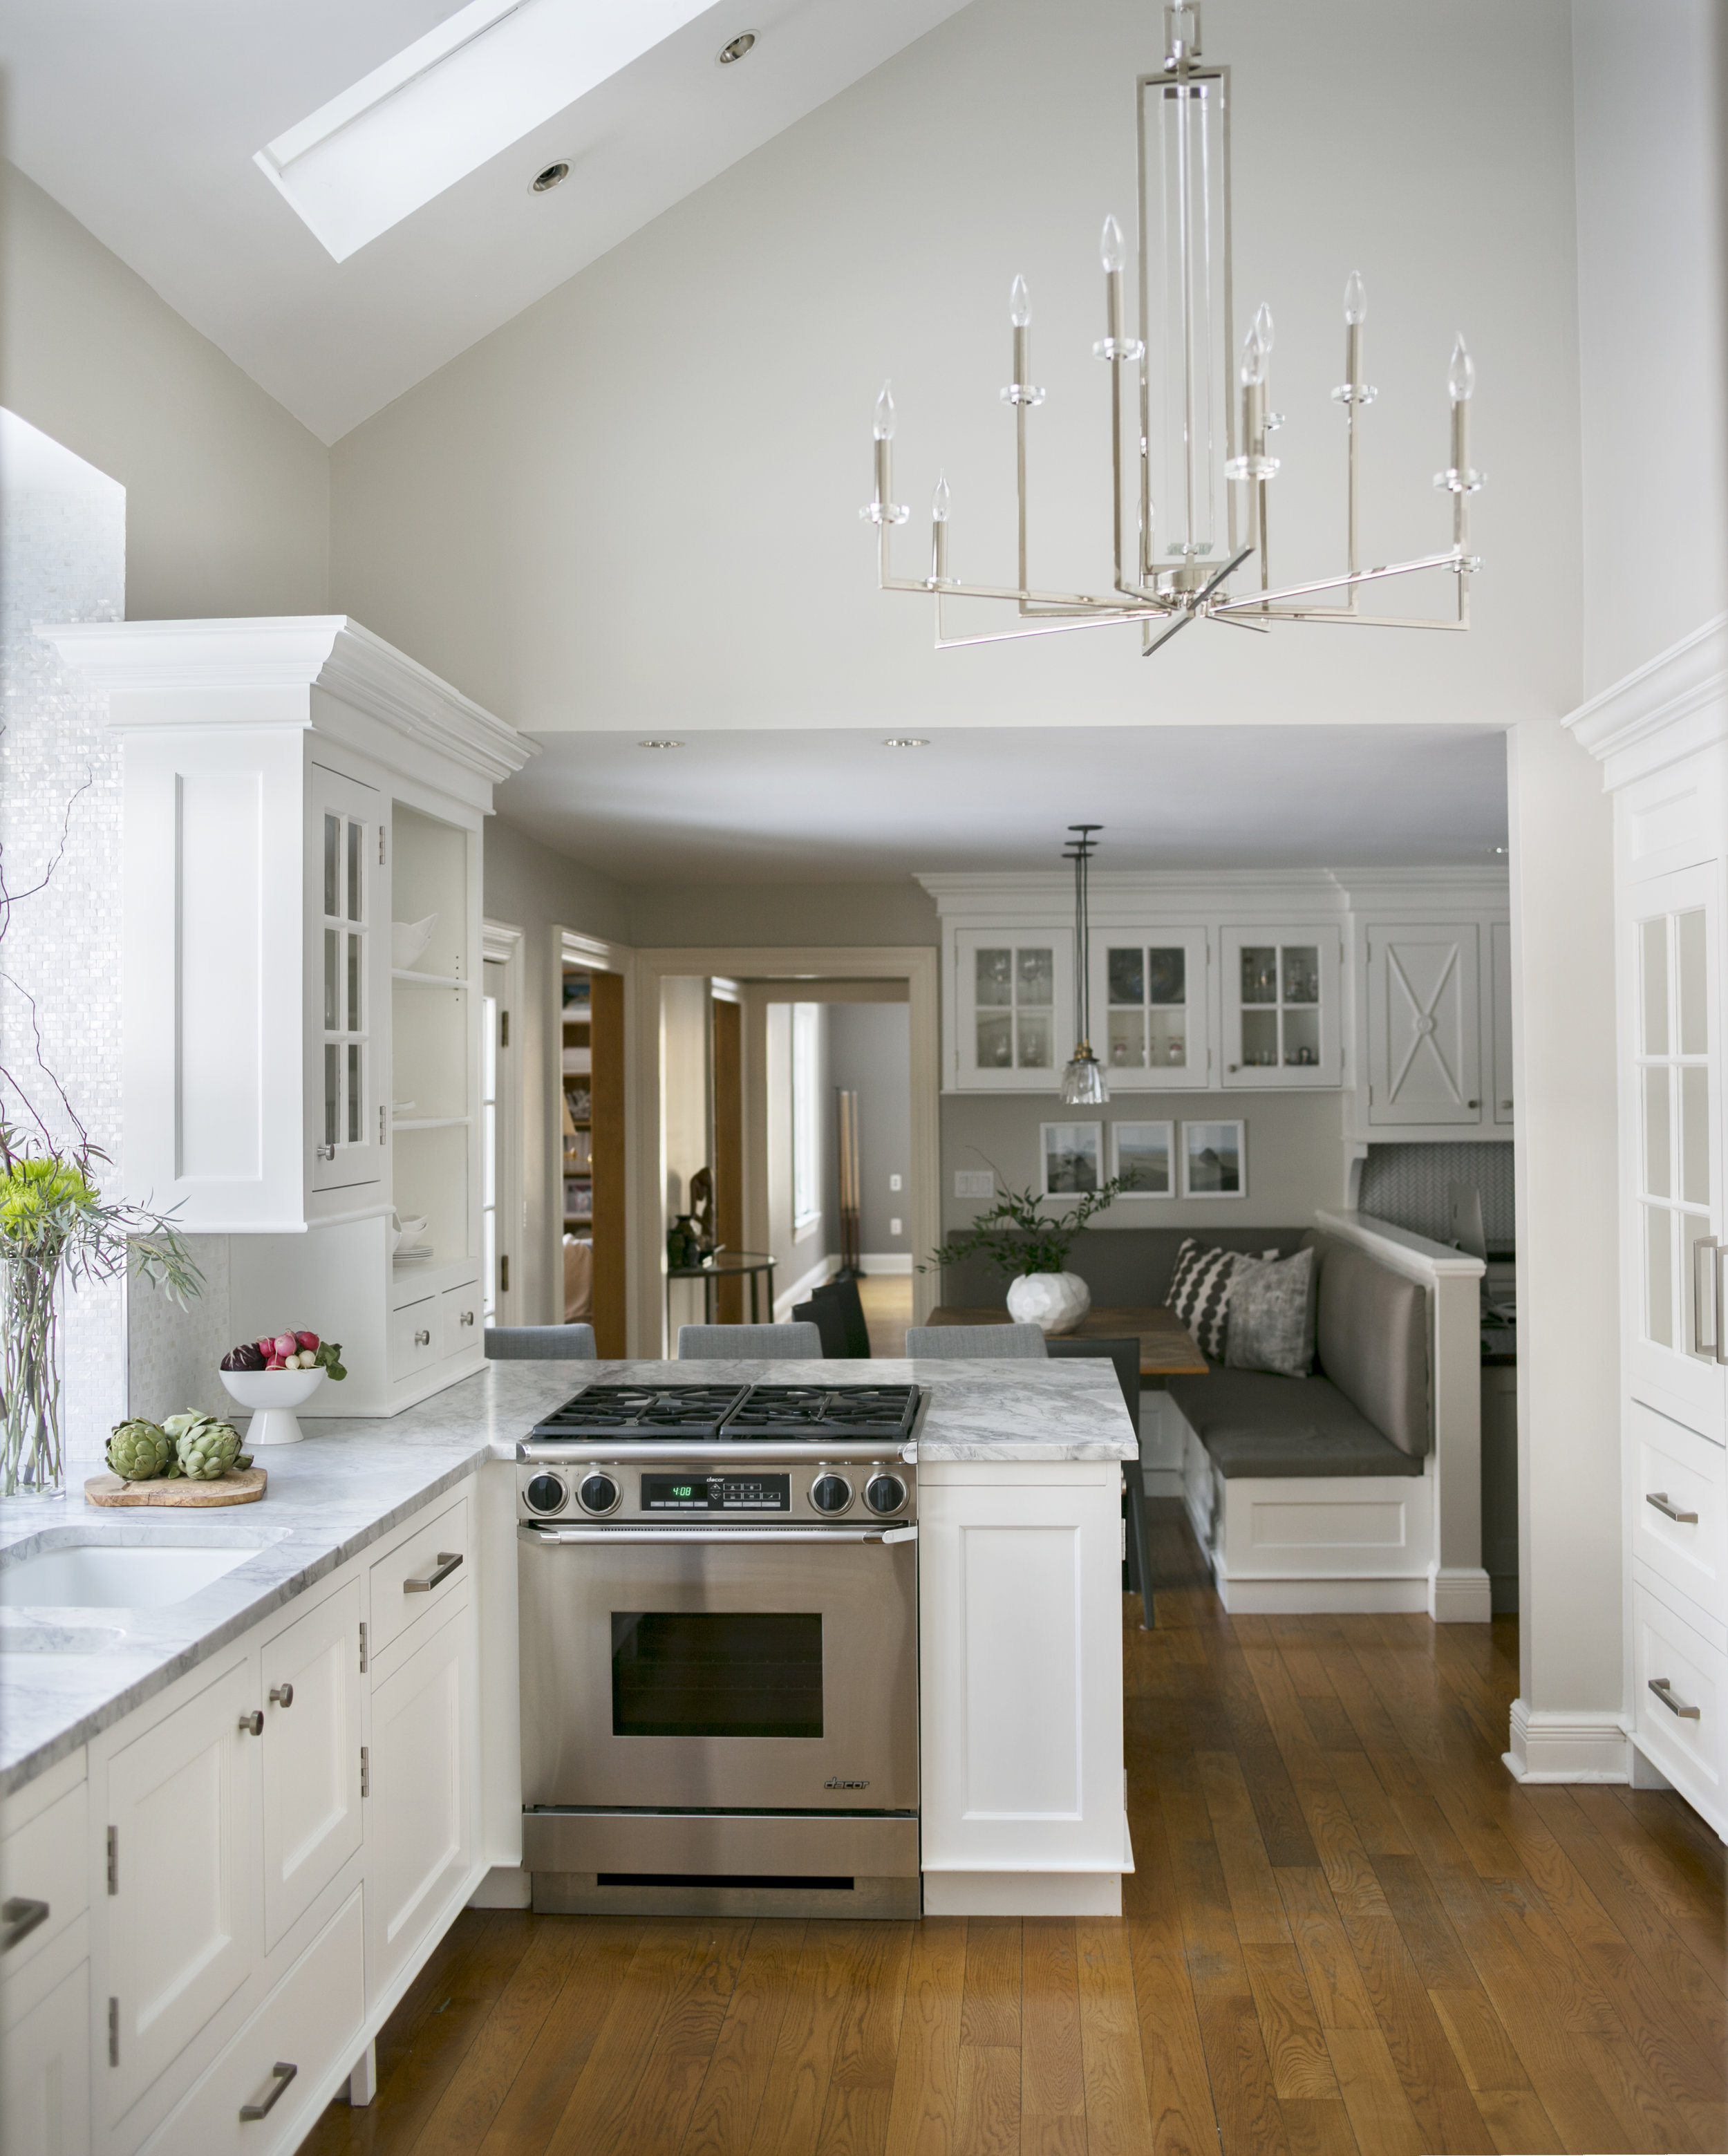 Fairfield Kitchen